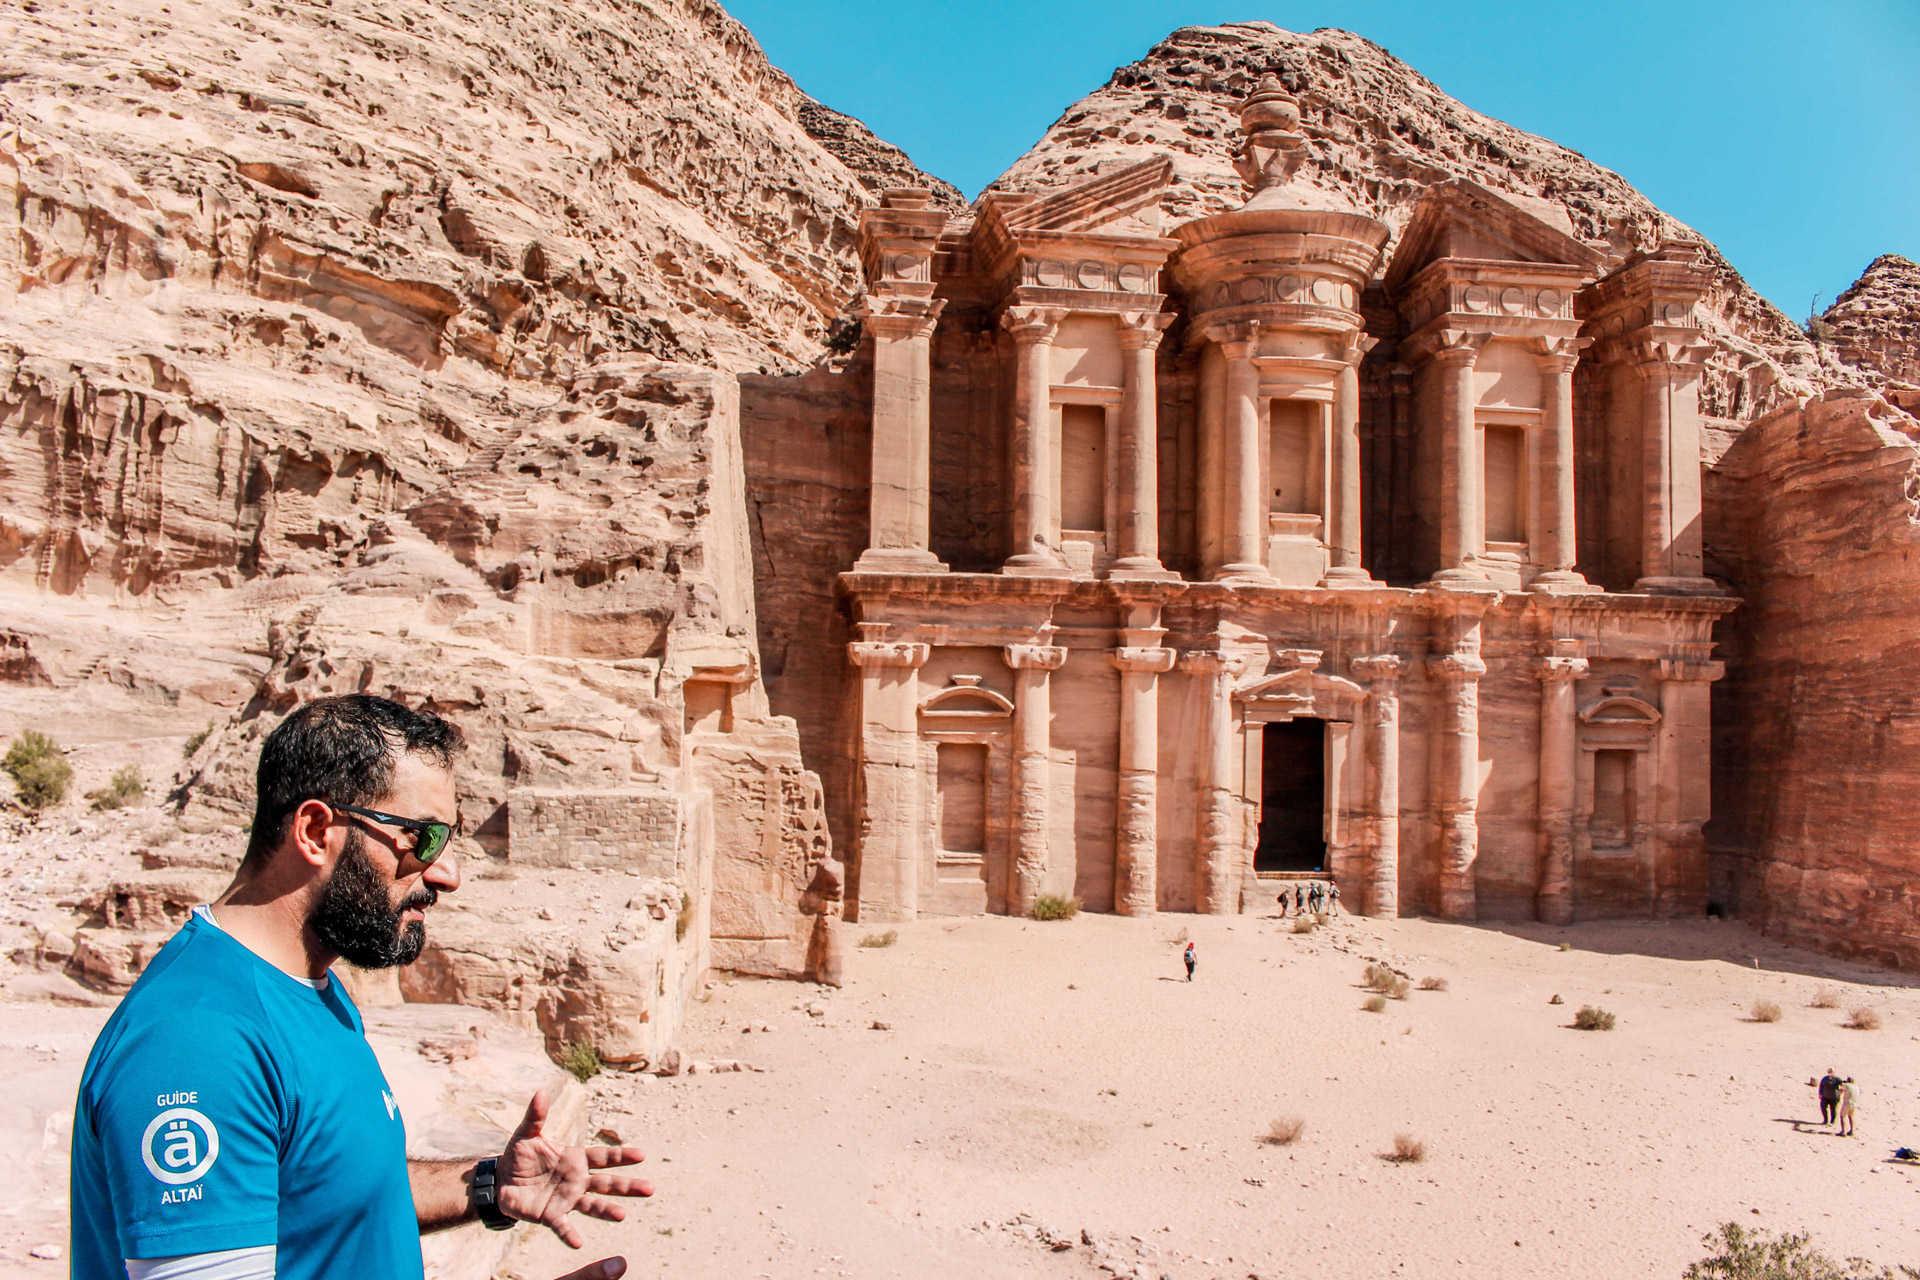 Notre guide Altaï devant le Deir à Pétra en Jordanie